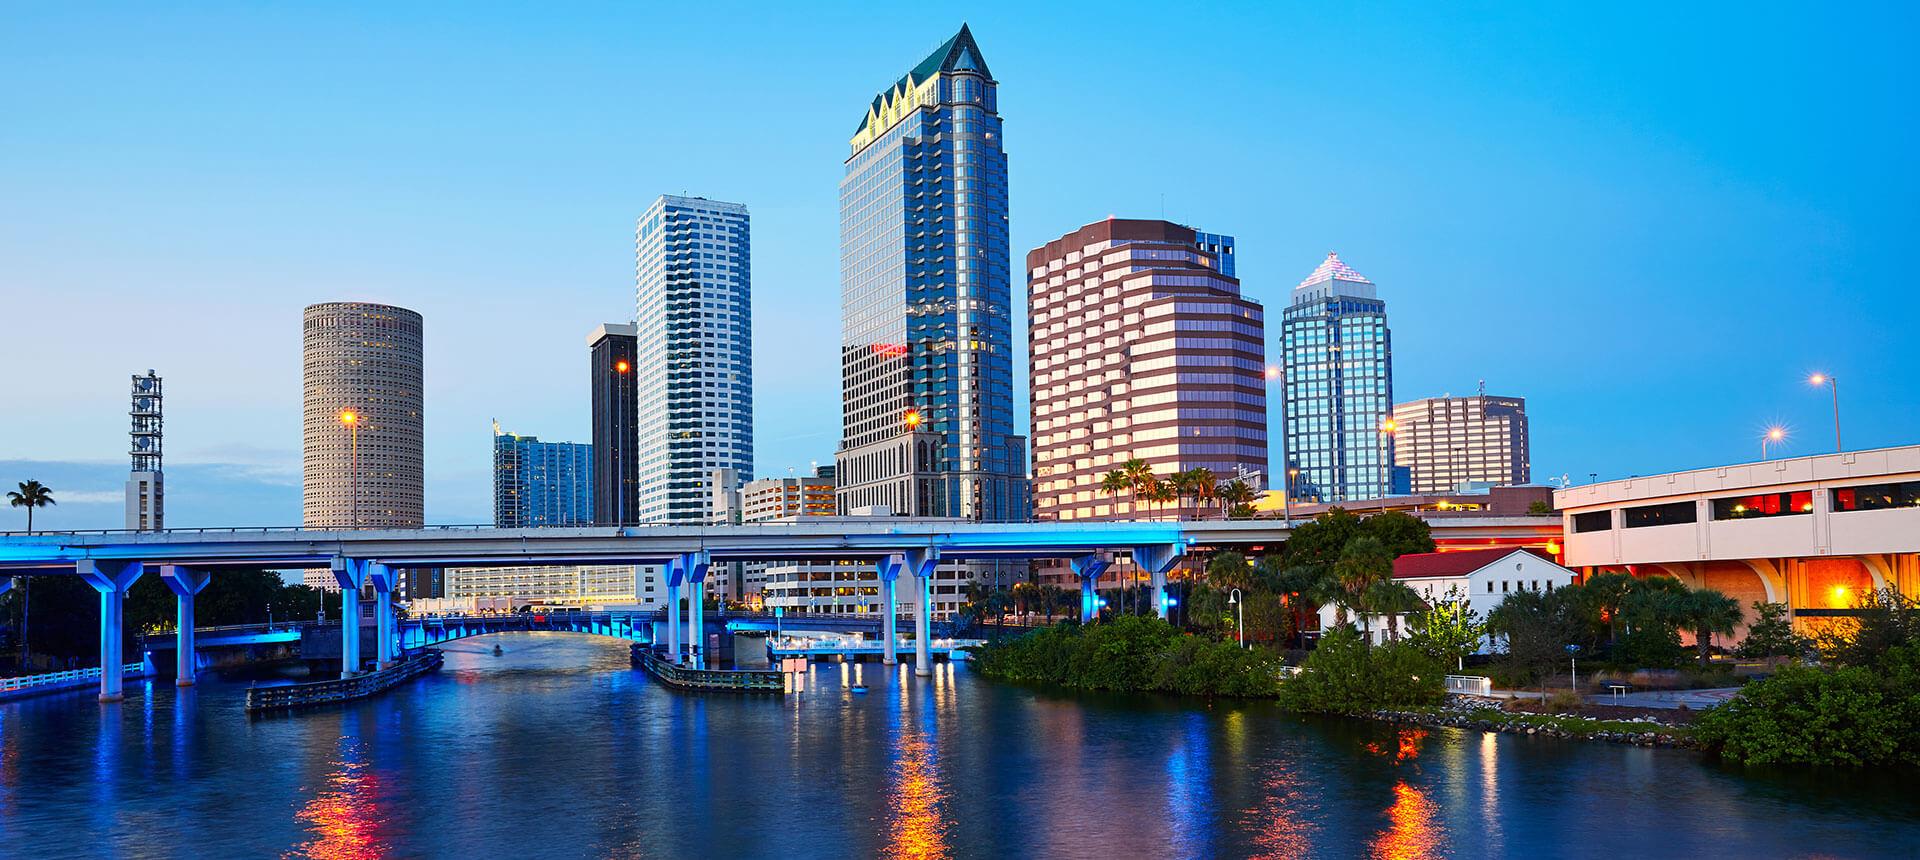 Tampa, FL Skyline CRTKL